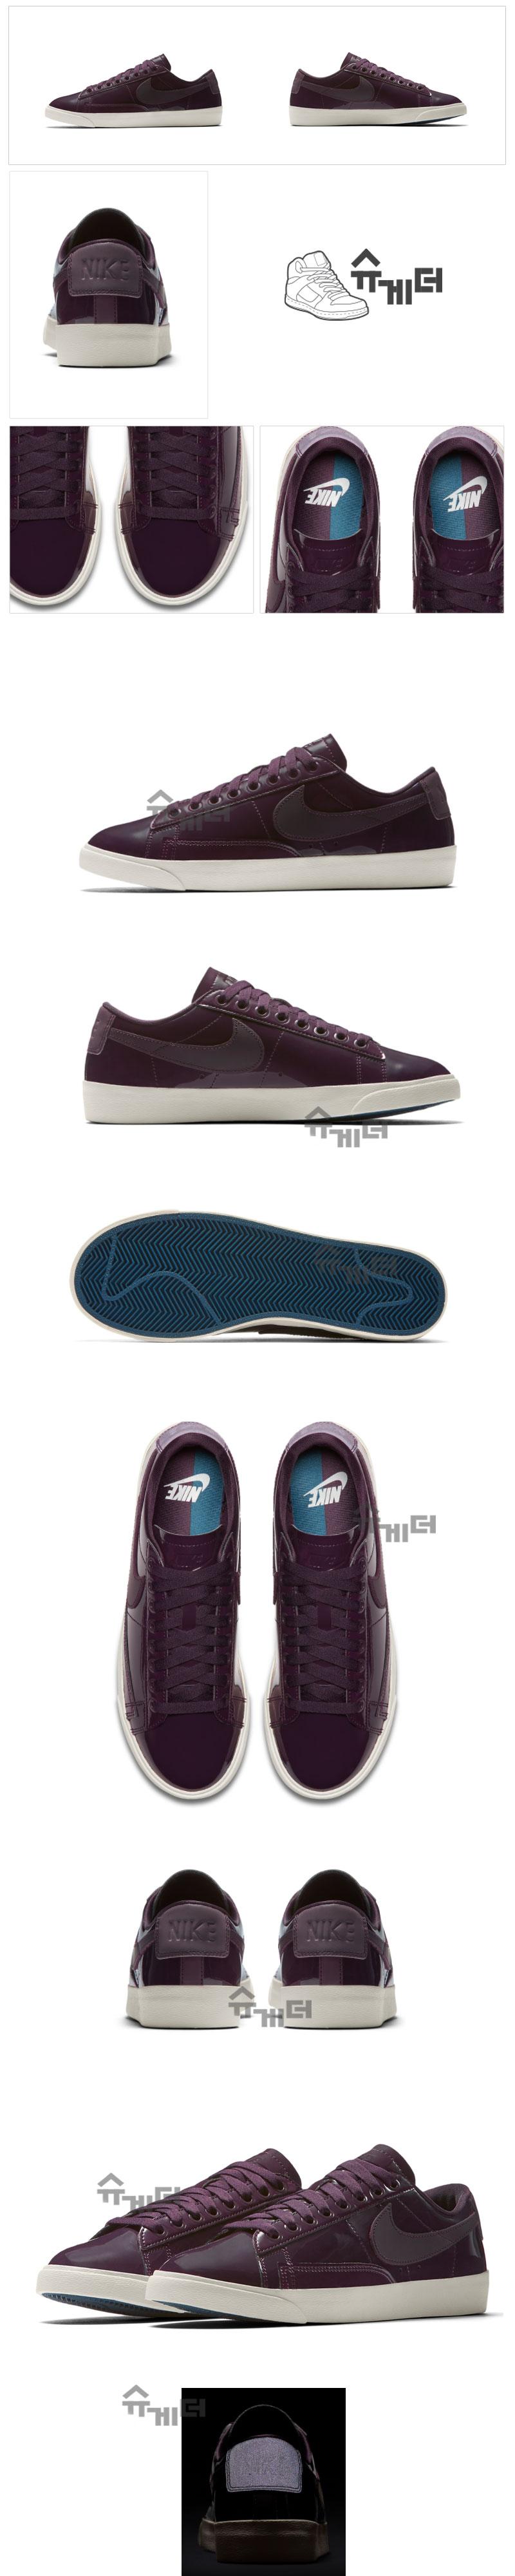 d37c0e31 나이키 우먼스 블레이저 로우 프리미엄 QS 포트와인 Nike Wmns Blazer Low PRM QS Port Wine AA1557- 600